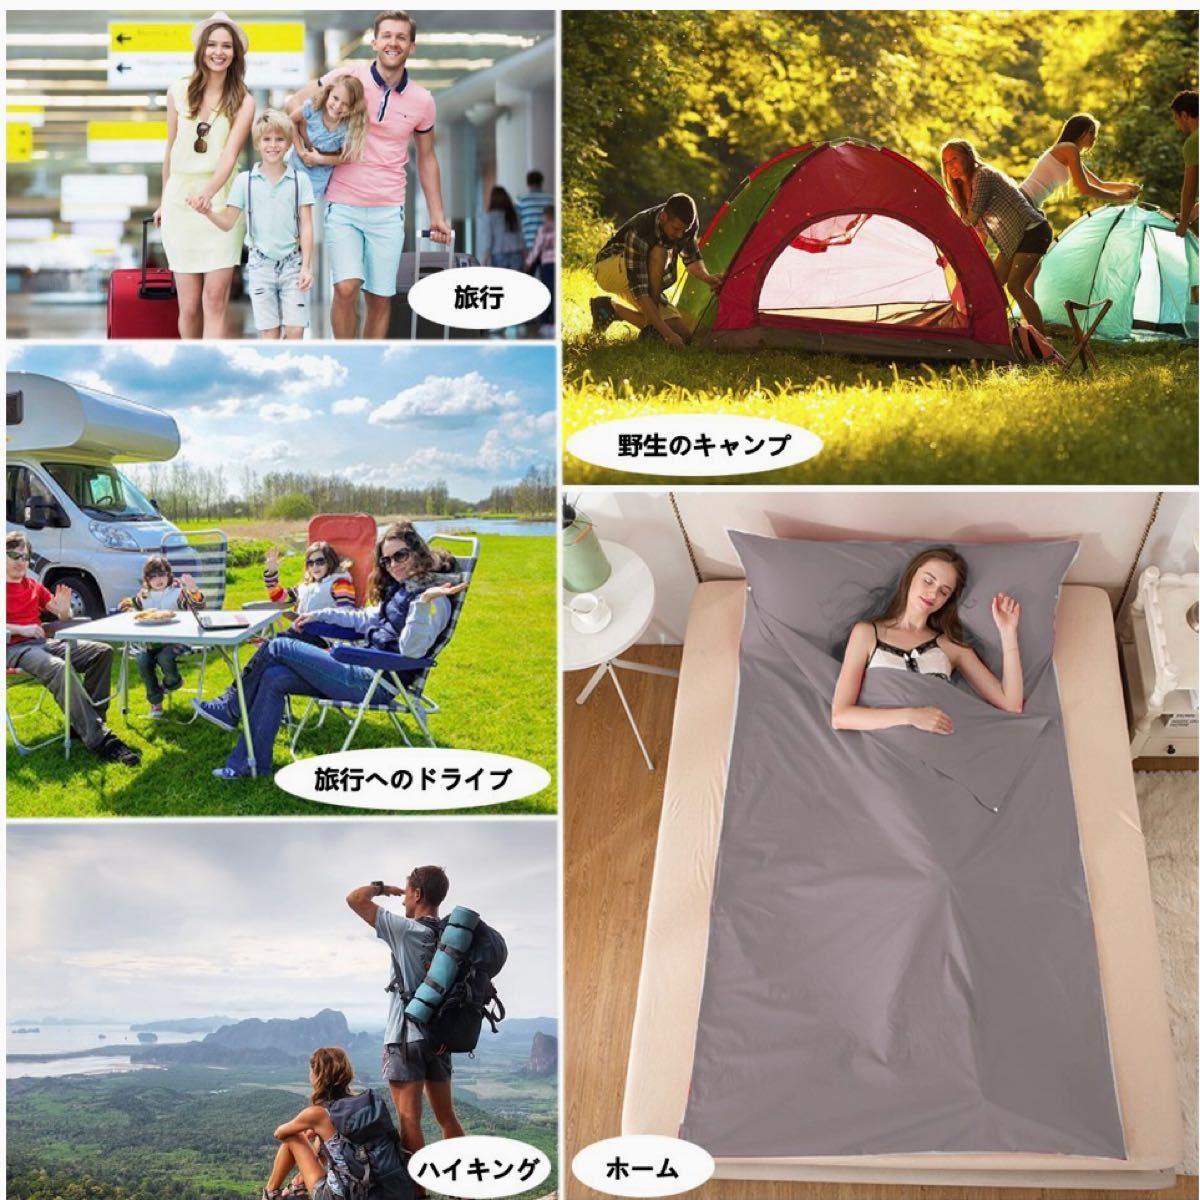 寝袋 インナーシーツ 防災用品 キャンプ アウトドア インナーシュラフ